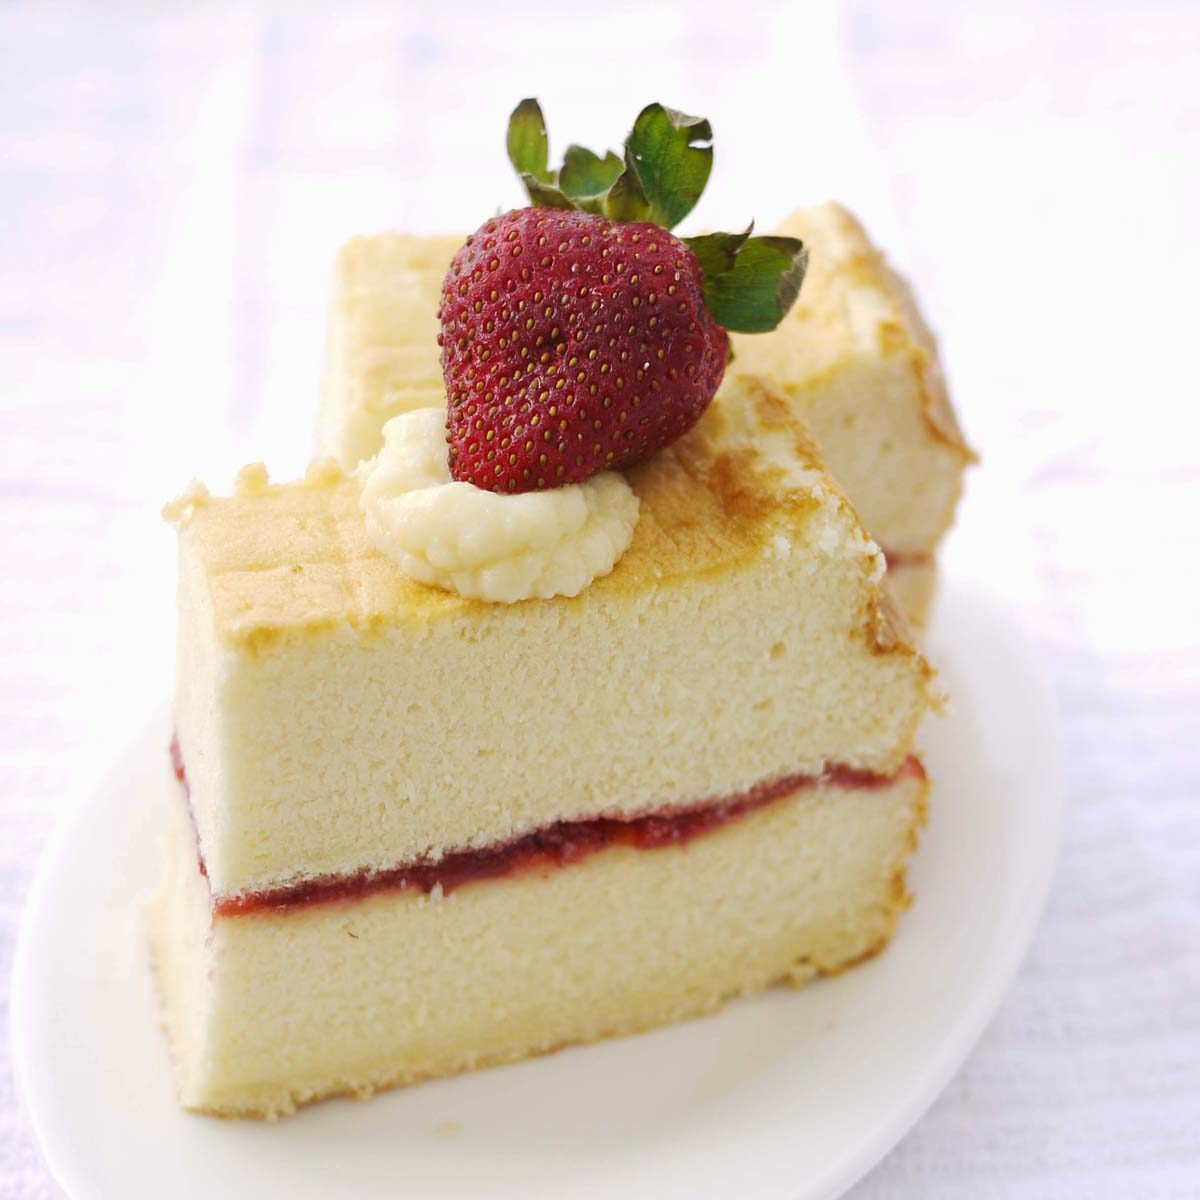 Inilah Resep Sponge Cake Yang Lembut, Manis Dan Spesial